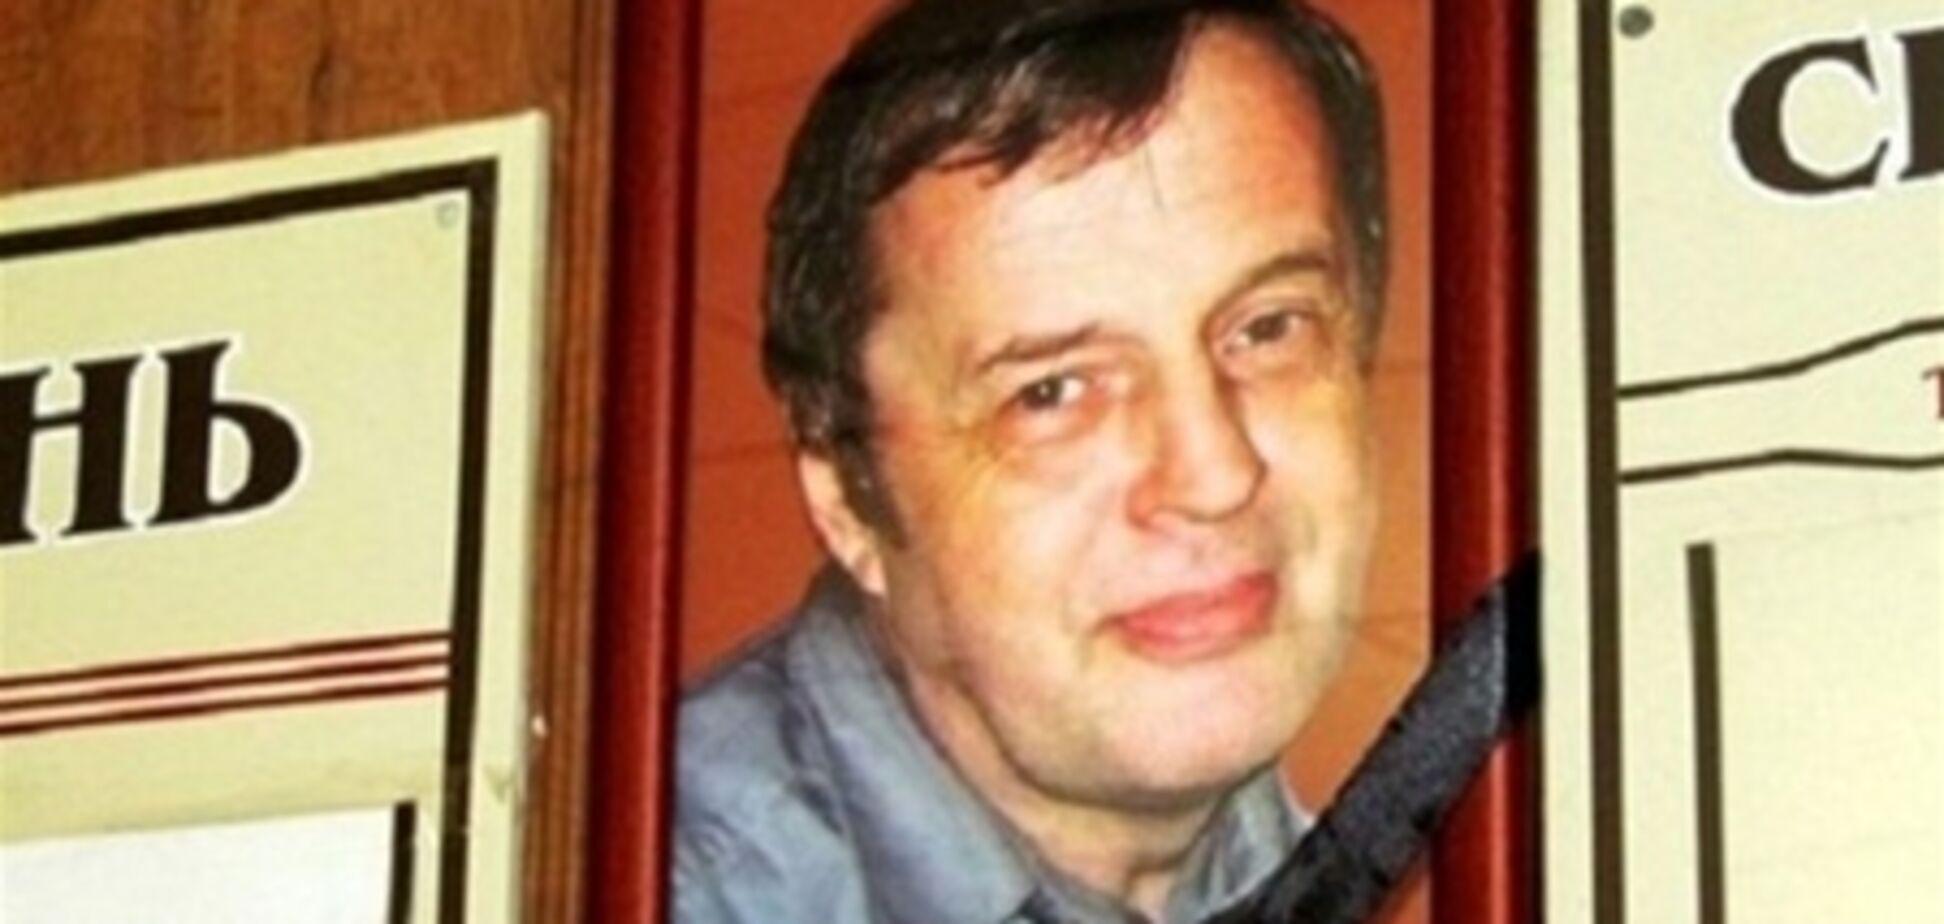 Задержан подозреваемый в убийстве харьковского судьи